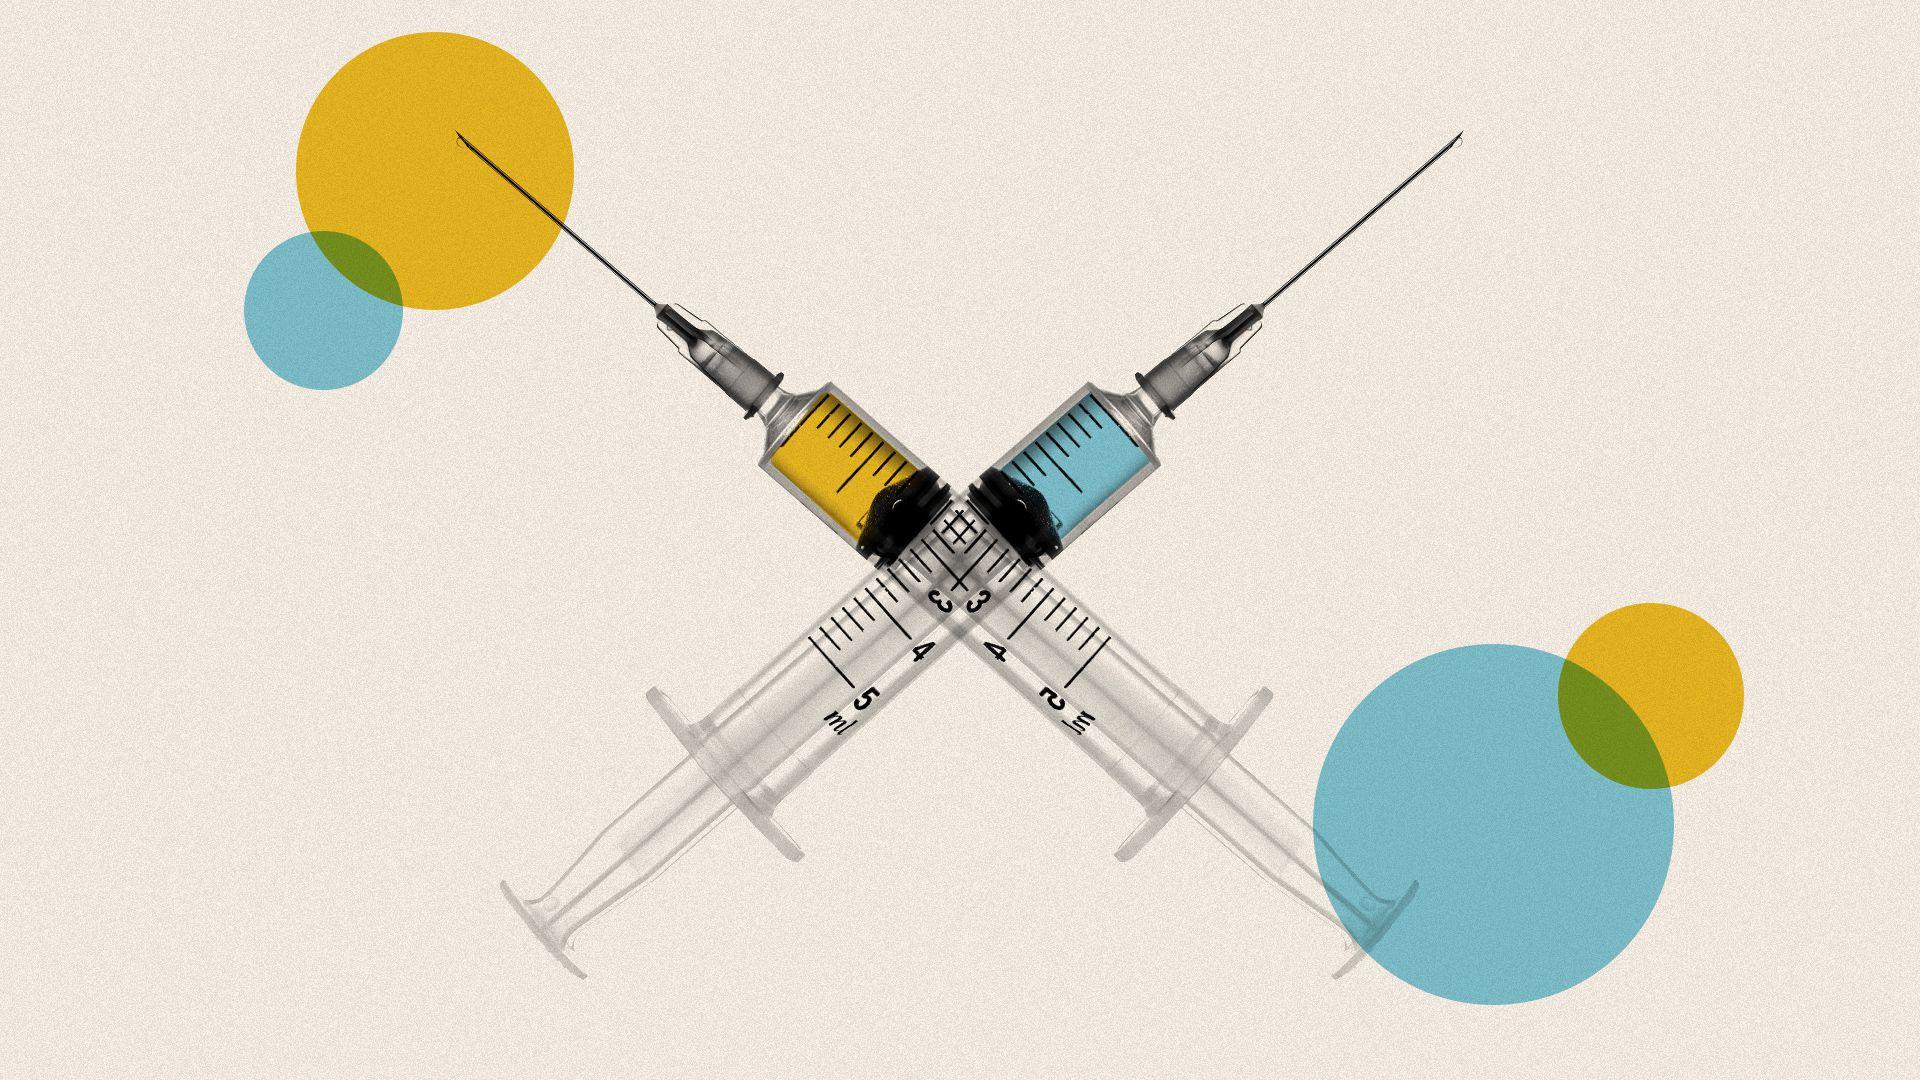 В США испорчено 15 миллионов доз вакцины Johnson & Johnson. Ее компоненты перепутали с AstraZeneca